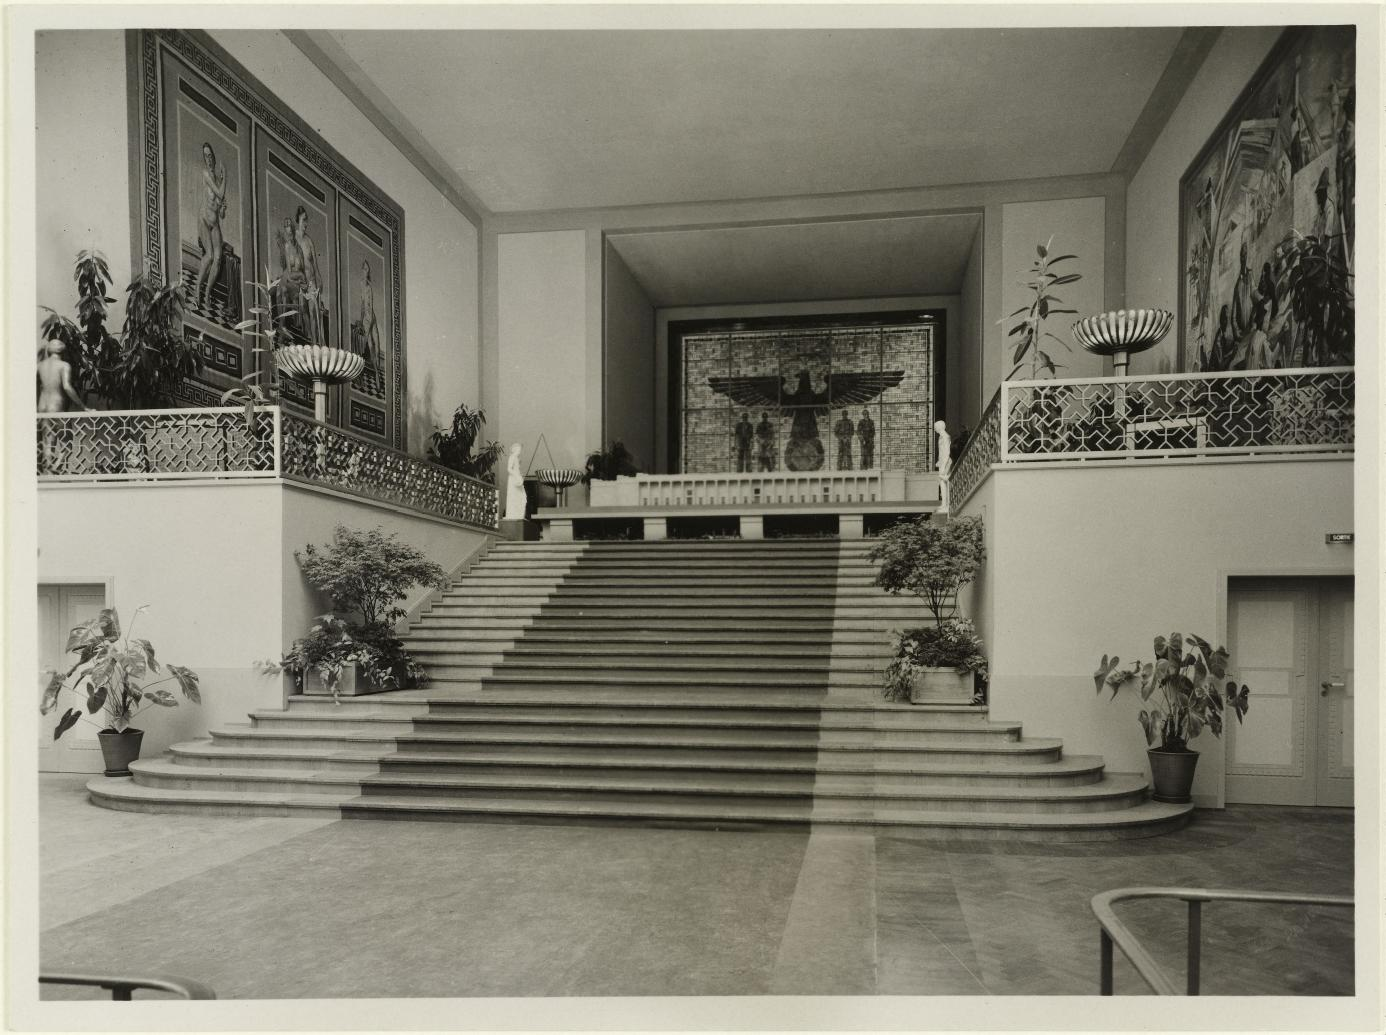 Выставочный зал, подиум. Витраж с нацистским орлом